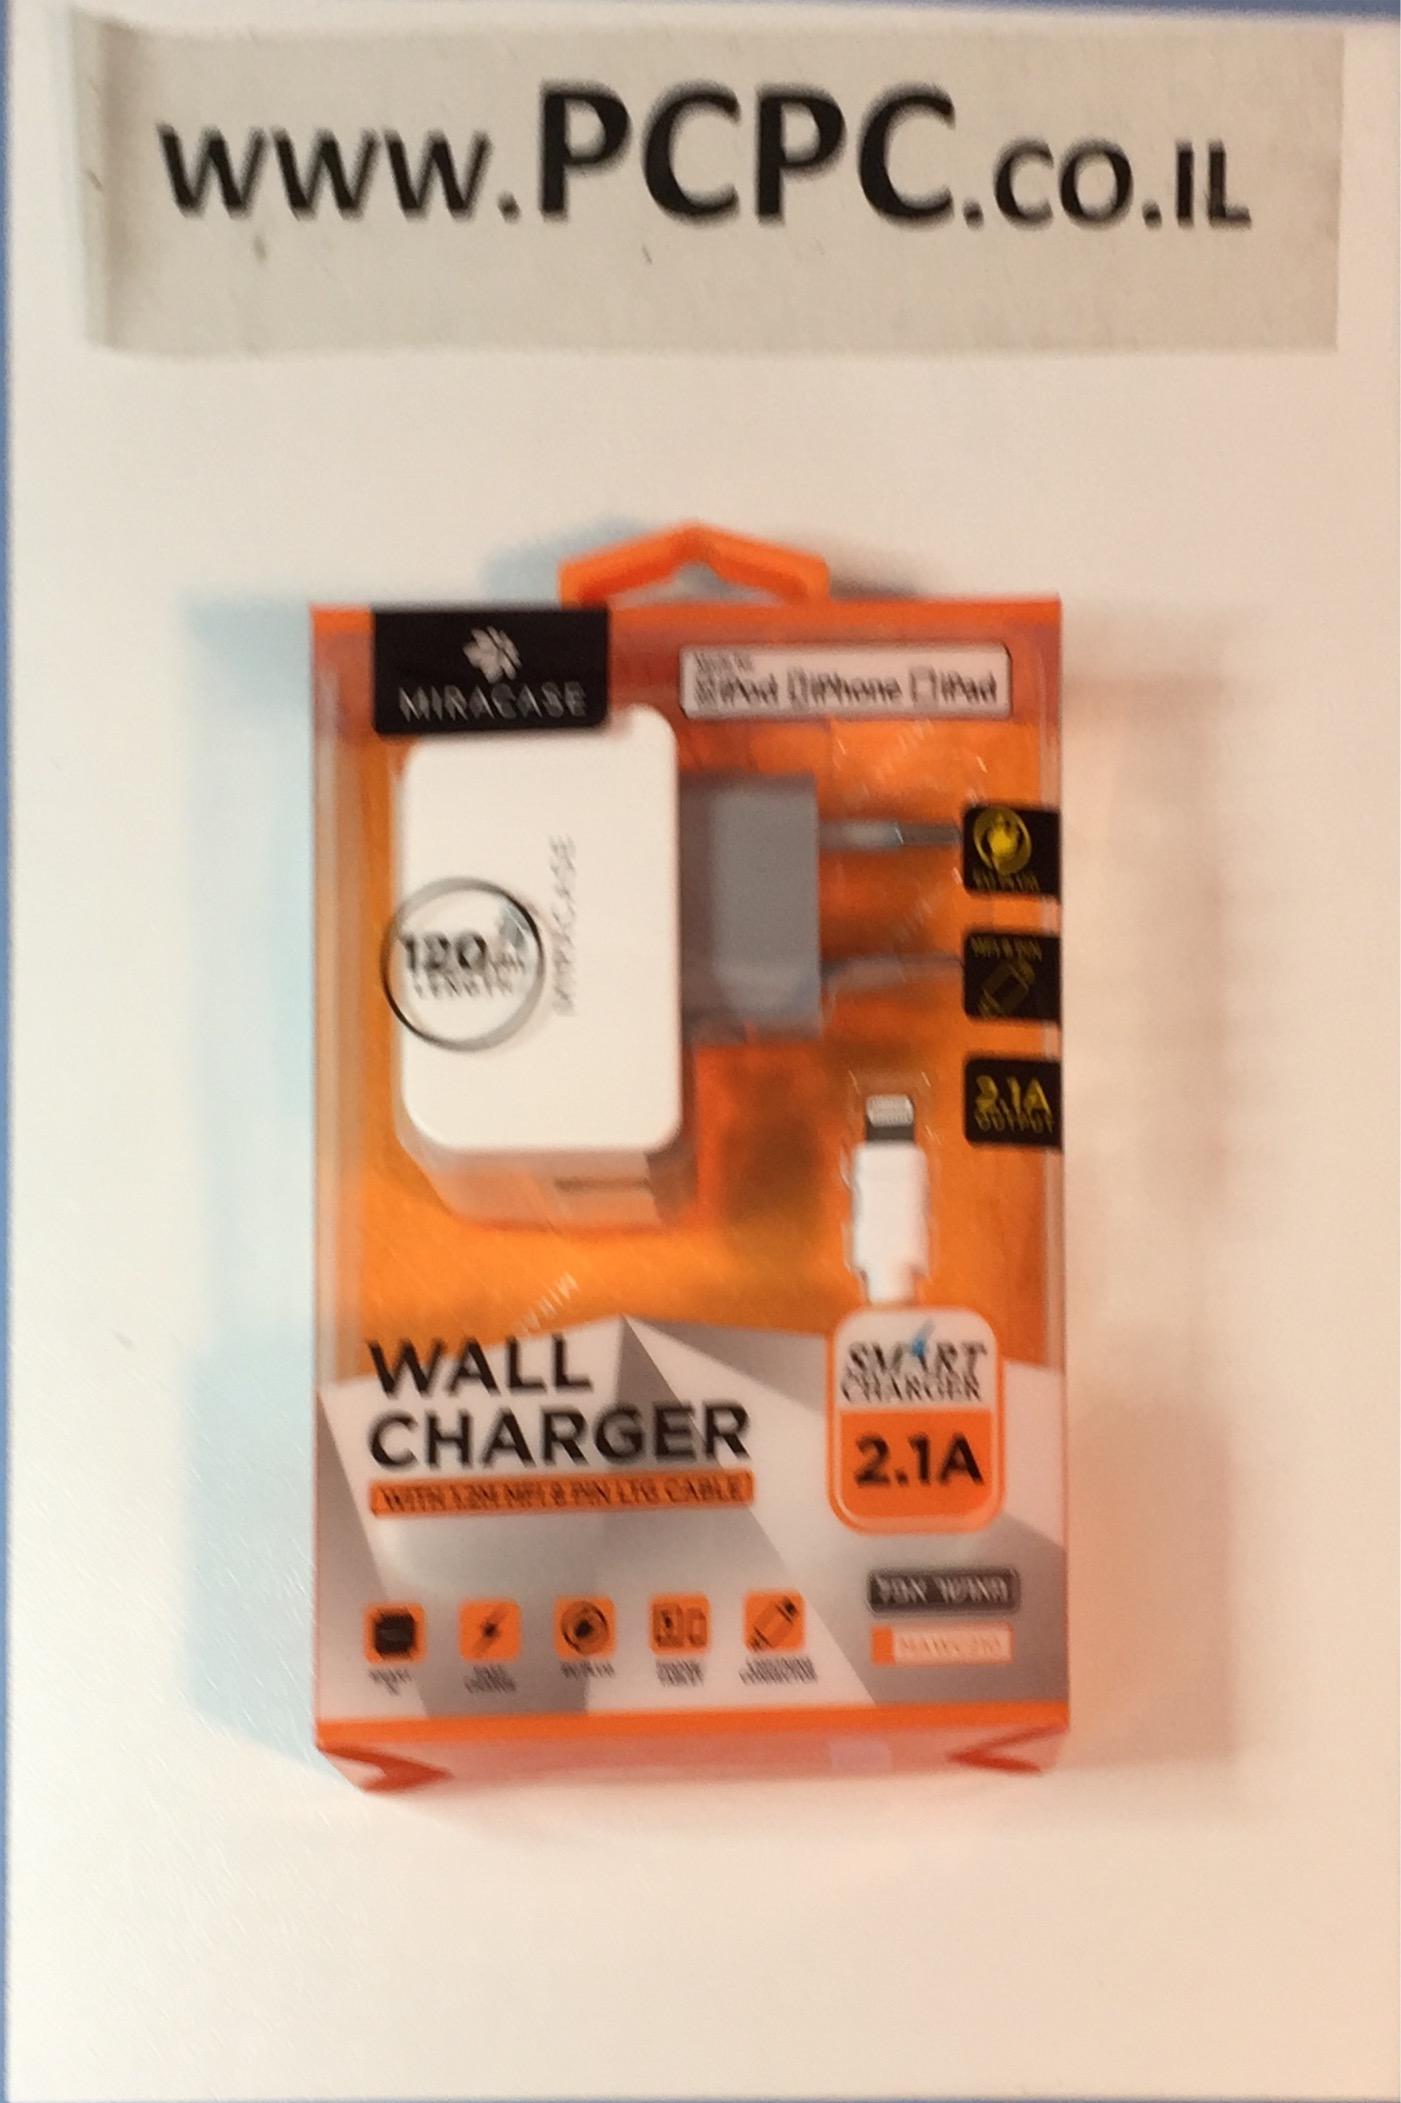 מטען חשמל לקיר מאושר אפל MIRACASE IPHONE 5/6/7  1.2M 2.4A